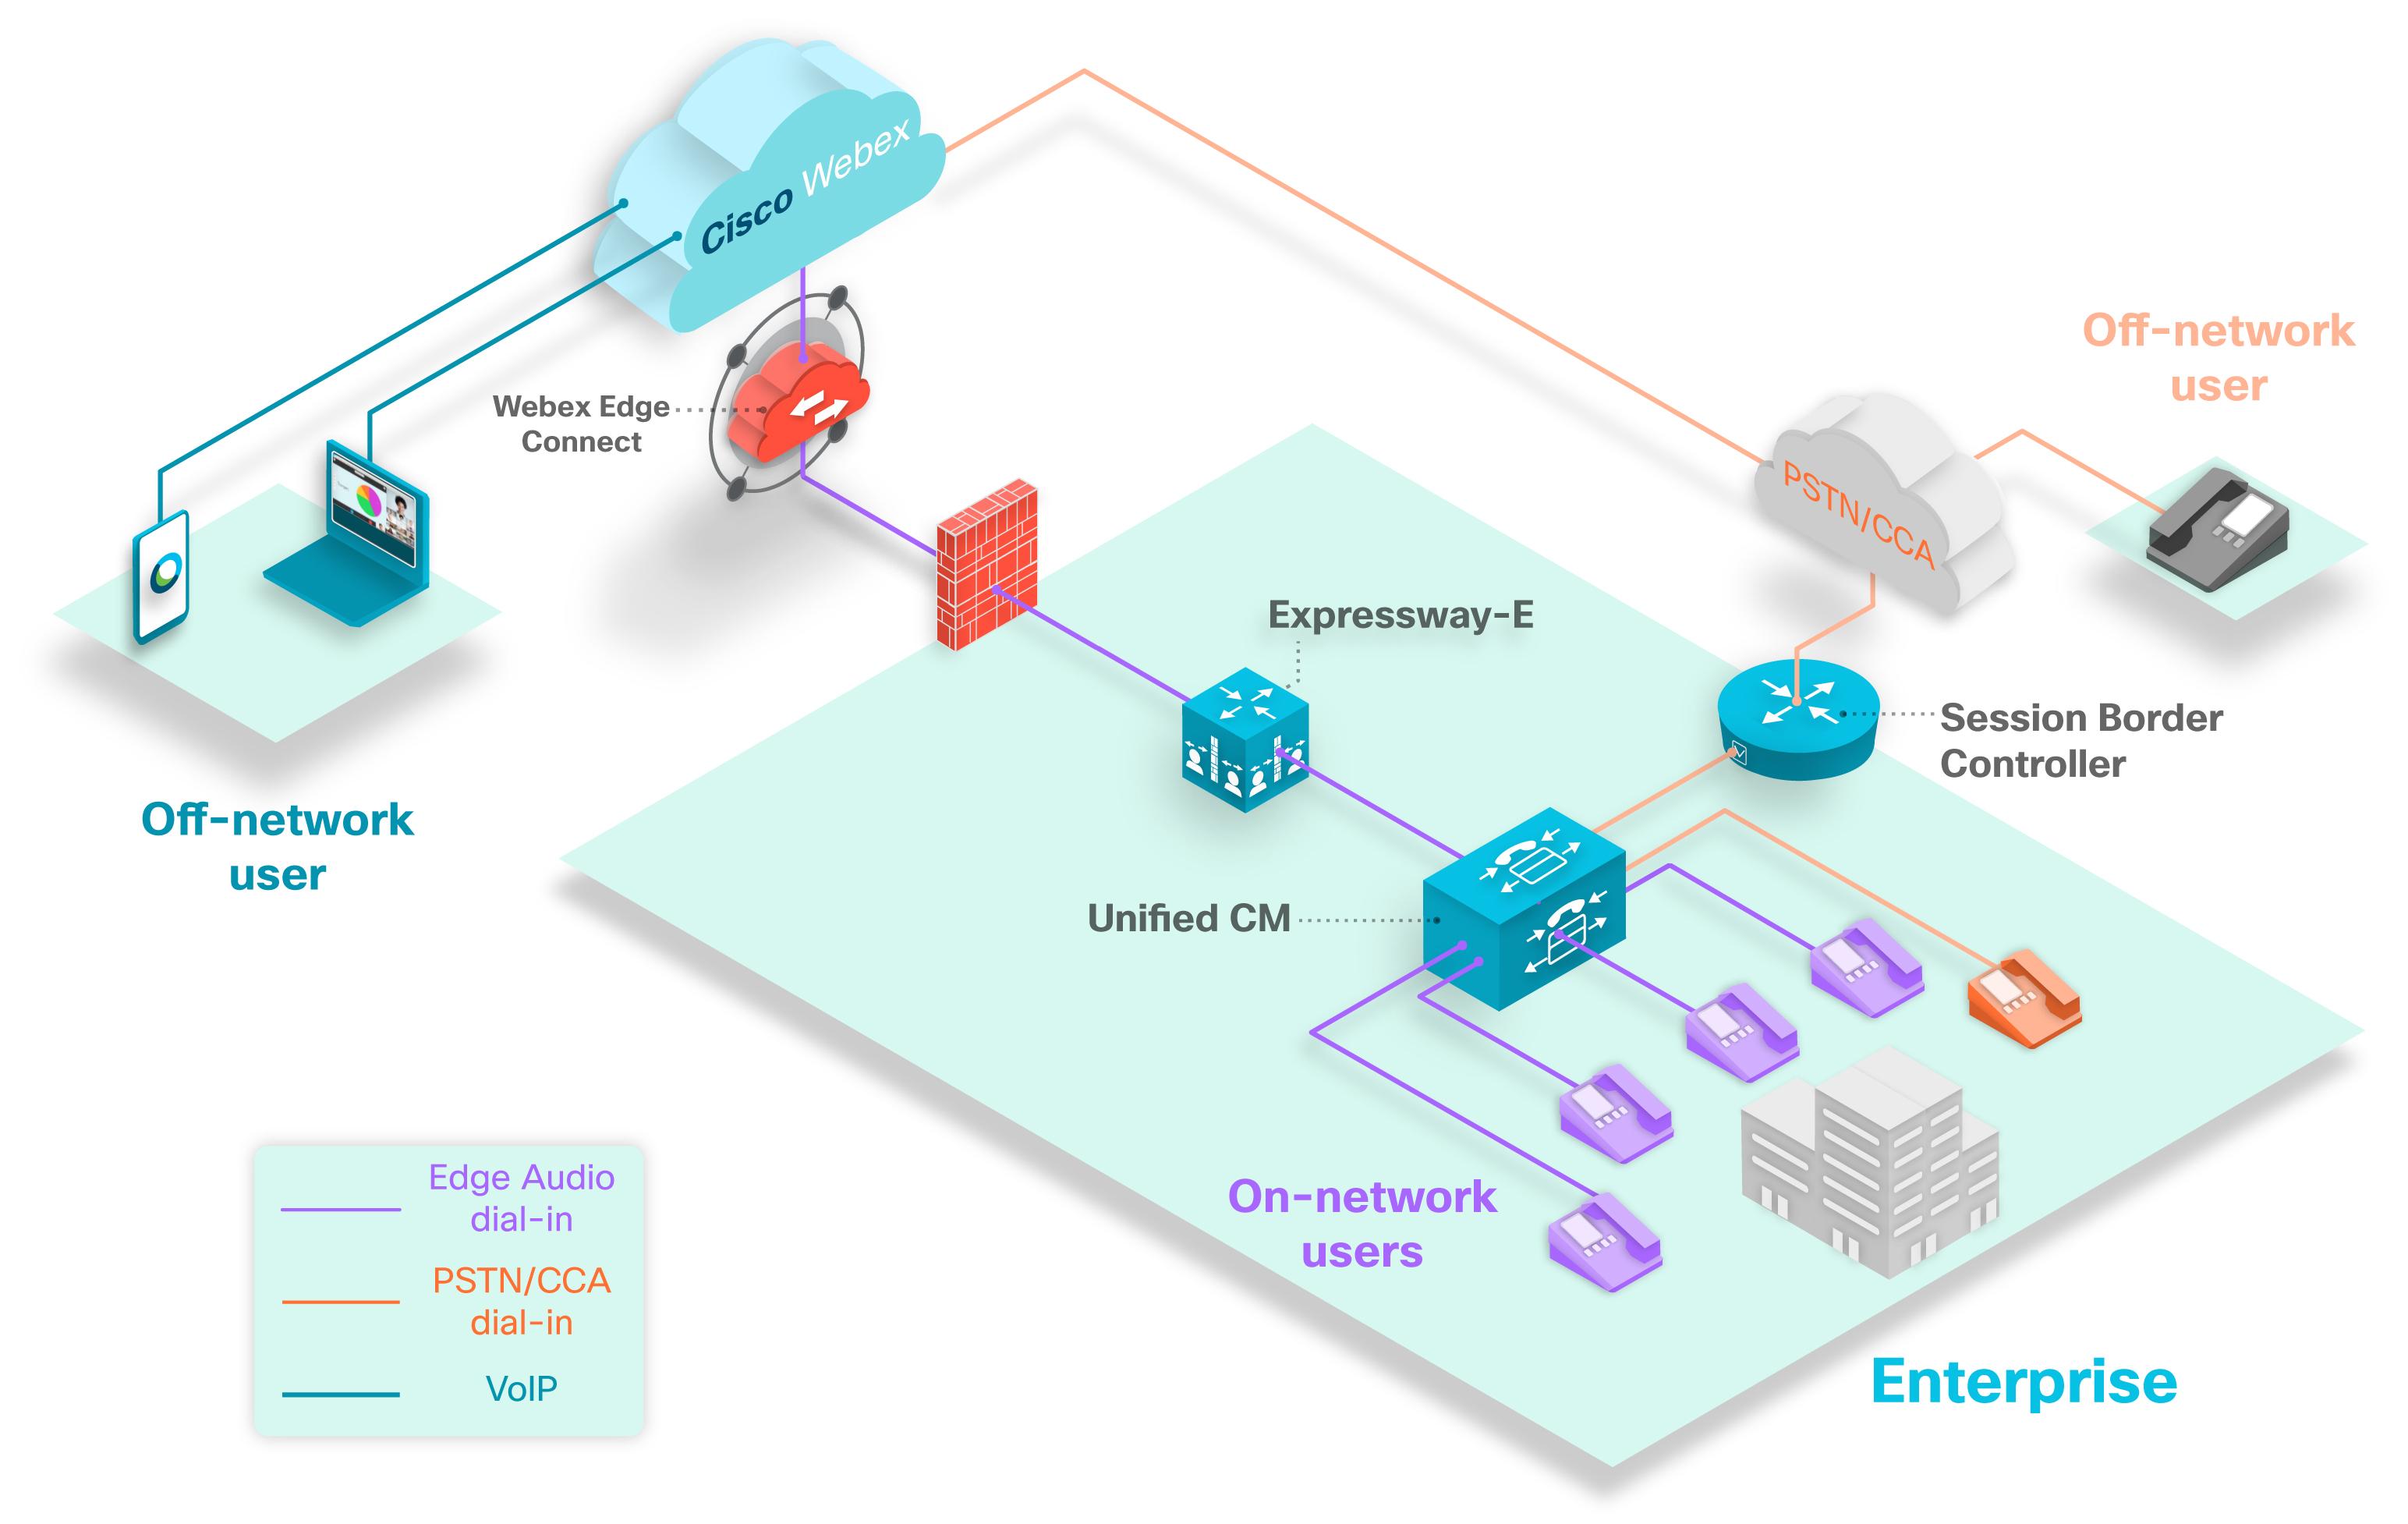 Déploiement du réseau Audio Edge avec uniquement Expressway-E